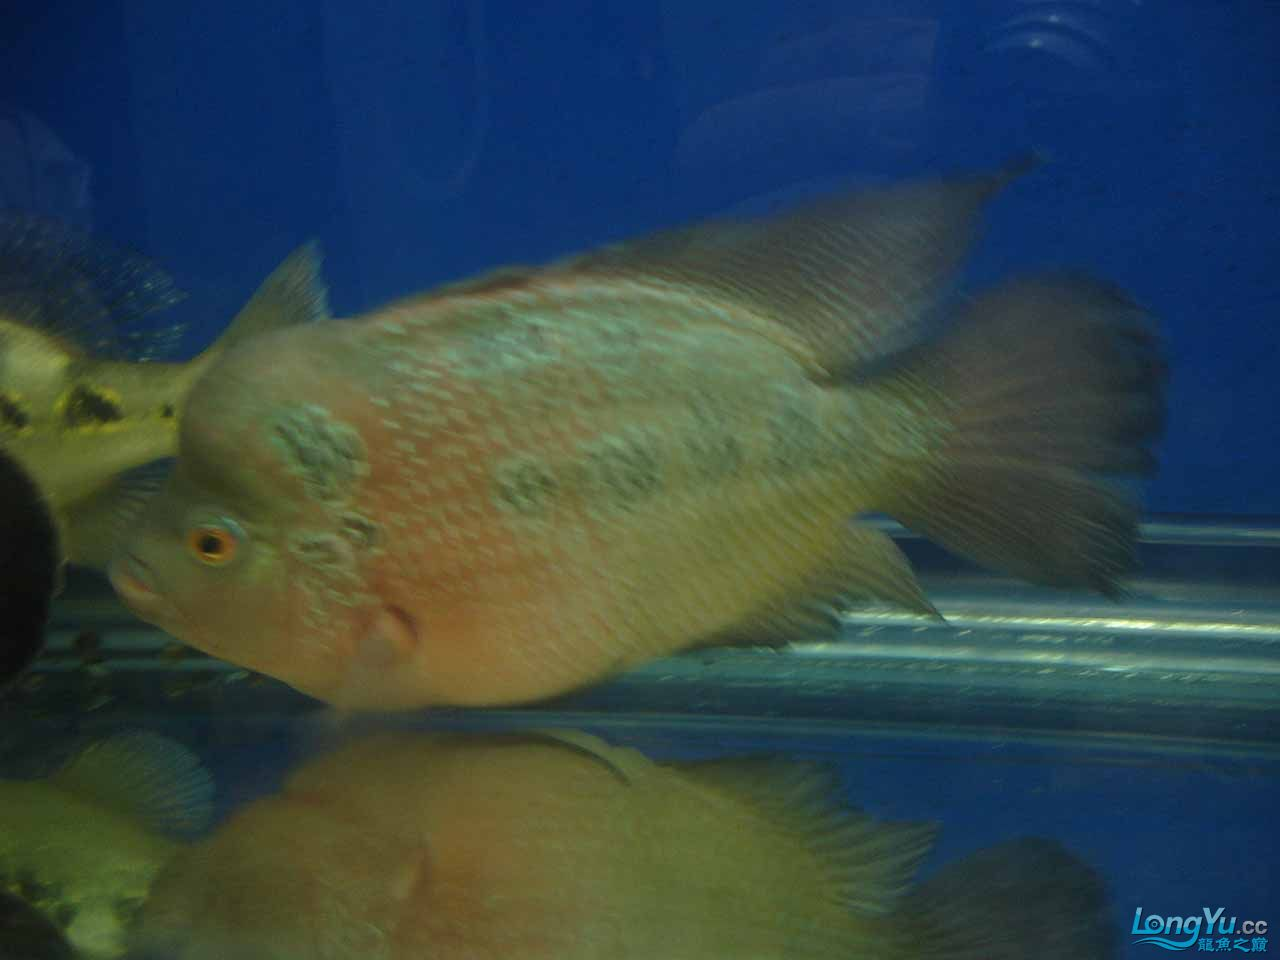 【西安鱼缸过滤】看看我的鱼(三) 西安观赏鱼信息